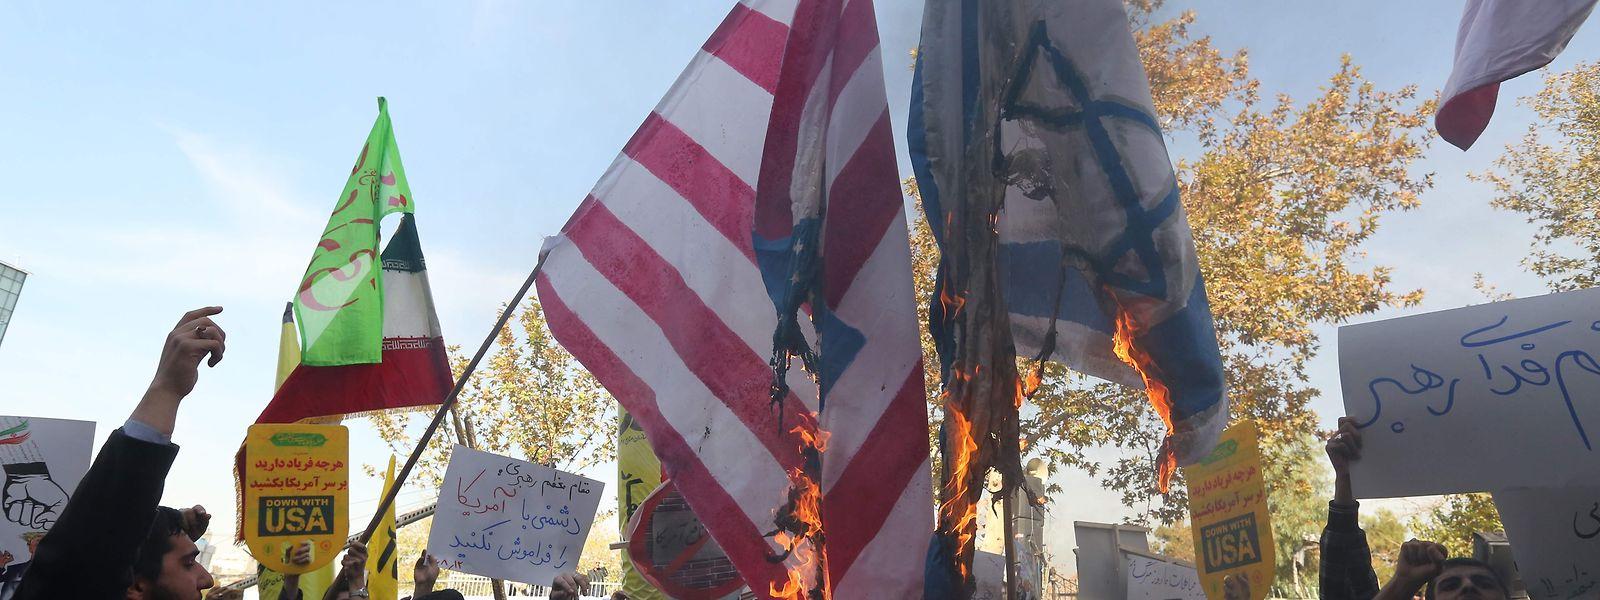 Queimaram-se bandeiras dos EUA e de Israel em manifestações na cidade de Teerão.